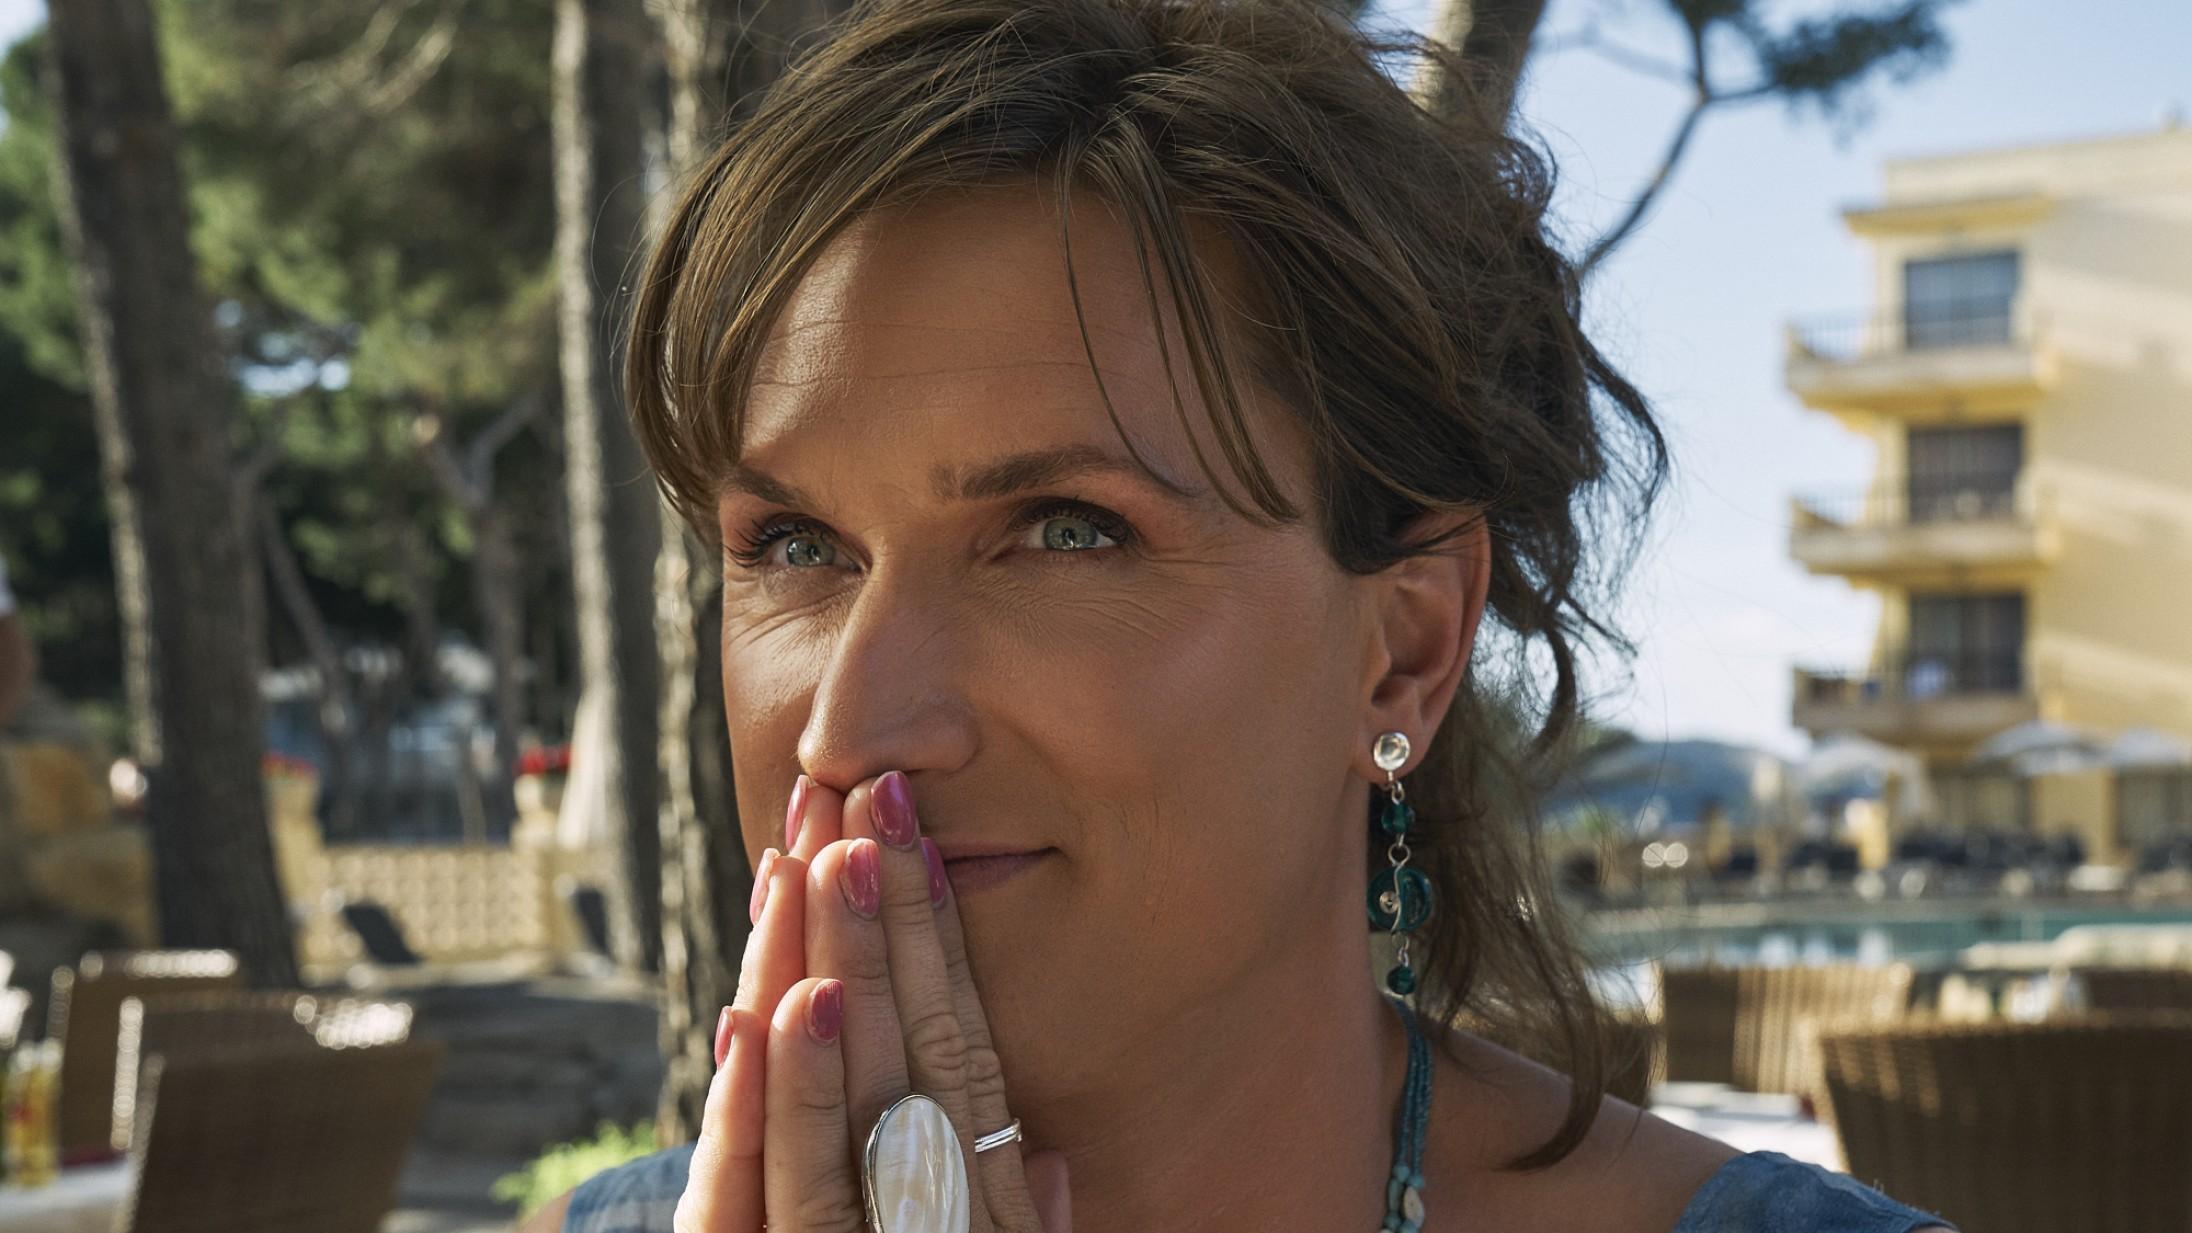 'En helt almindelig familie': Malou Reymanns selvbiografiske debut er ualmindeligt autentisk og rørende